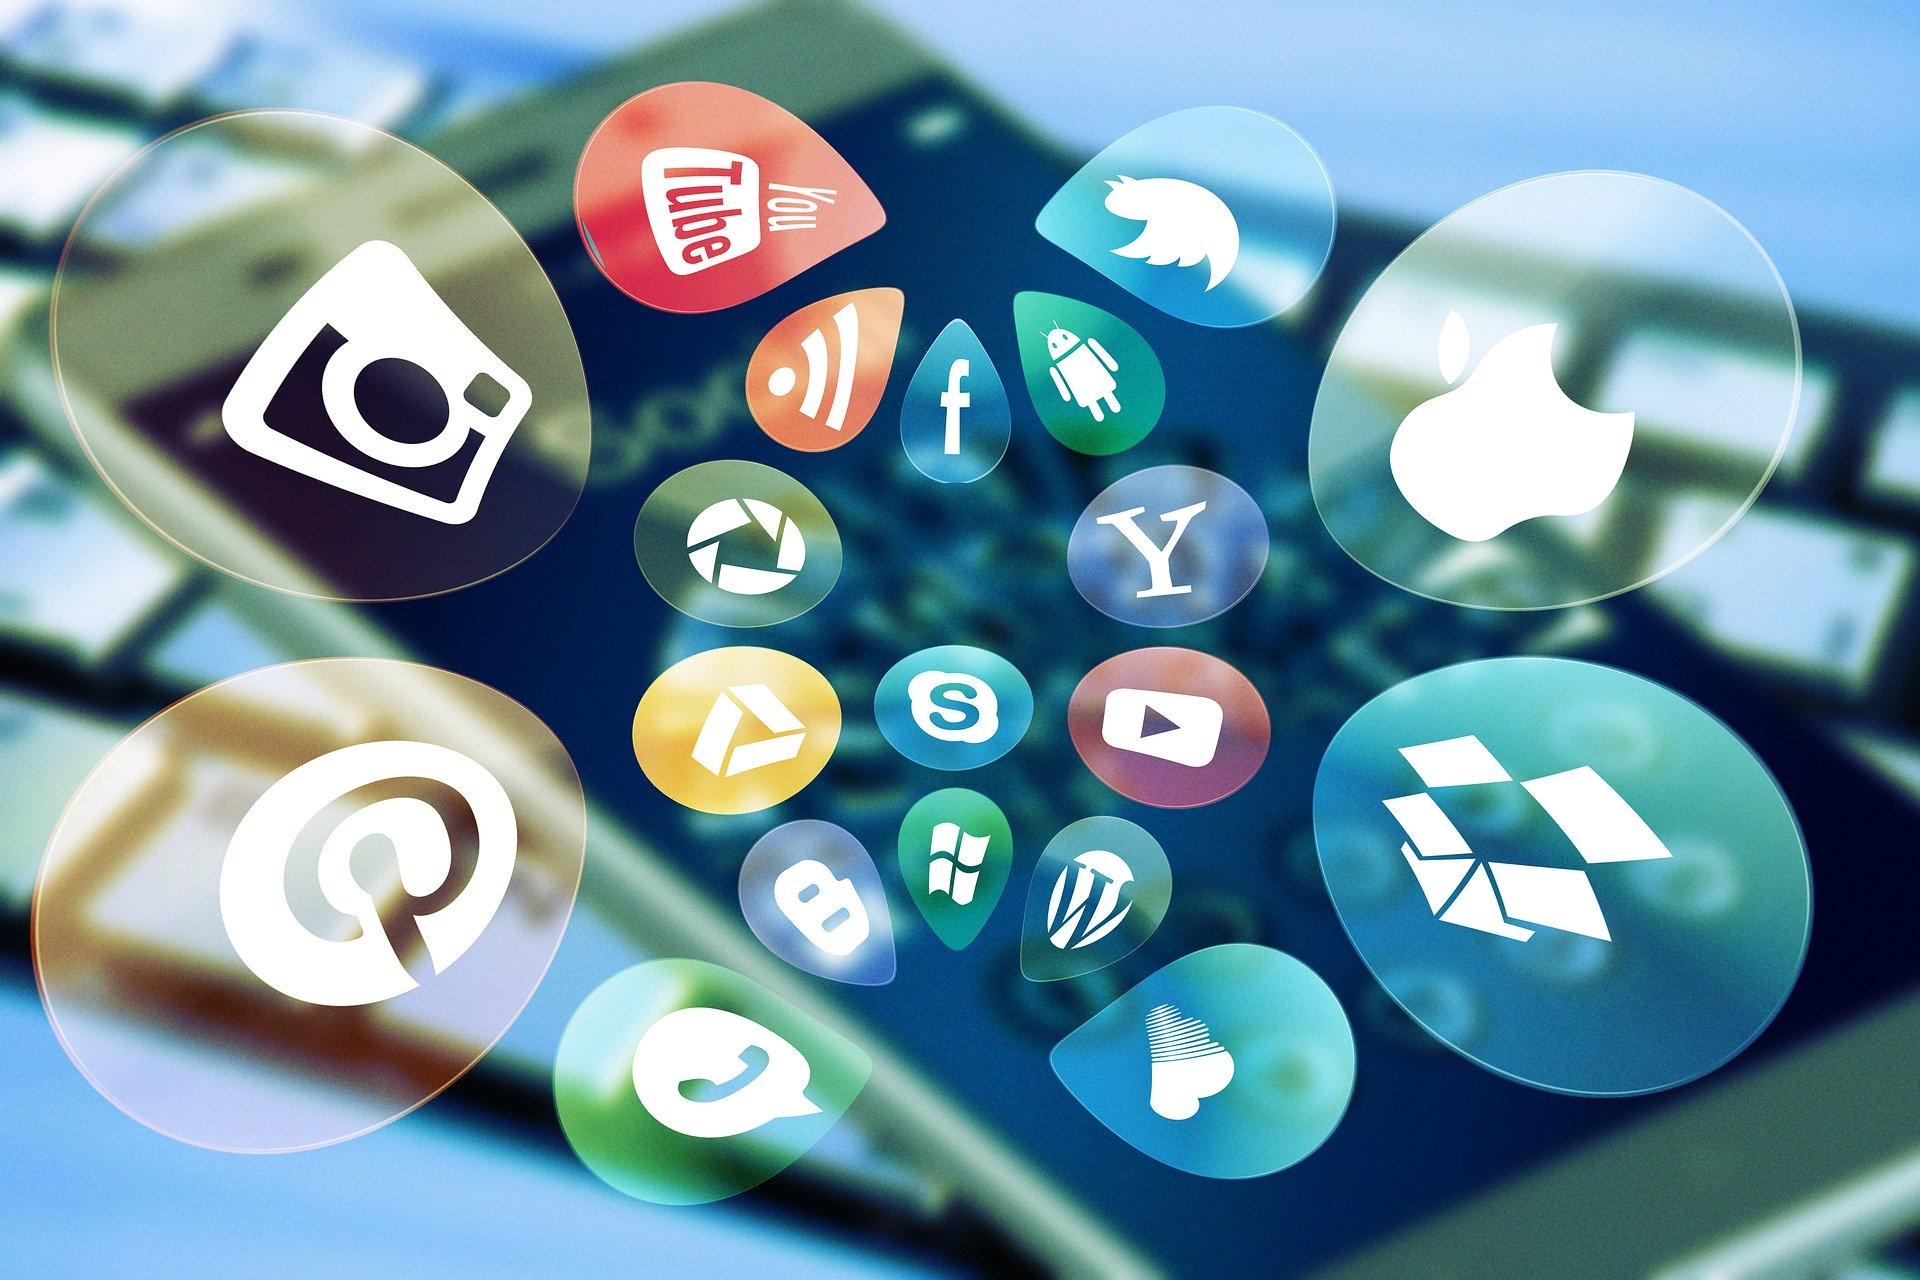 Social Media Monitoring – Spy on WhatsApp & Snapchat Remotely